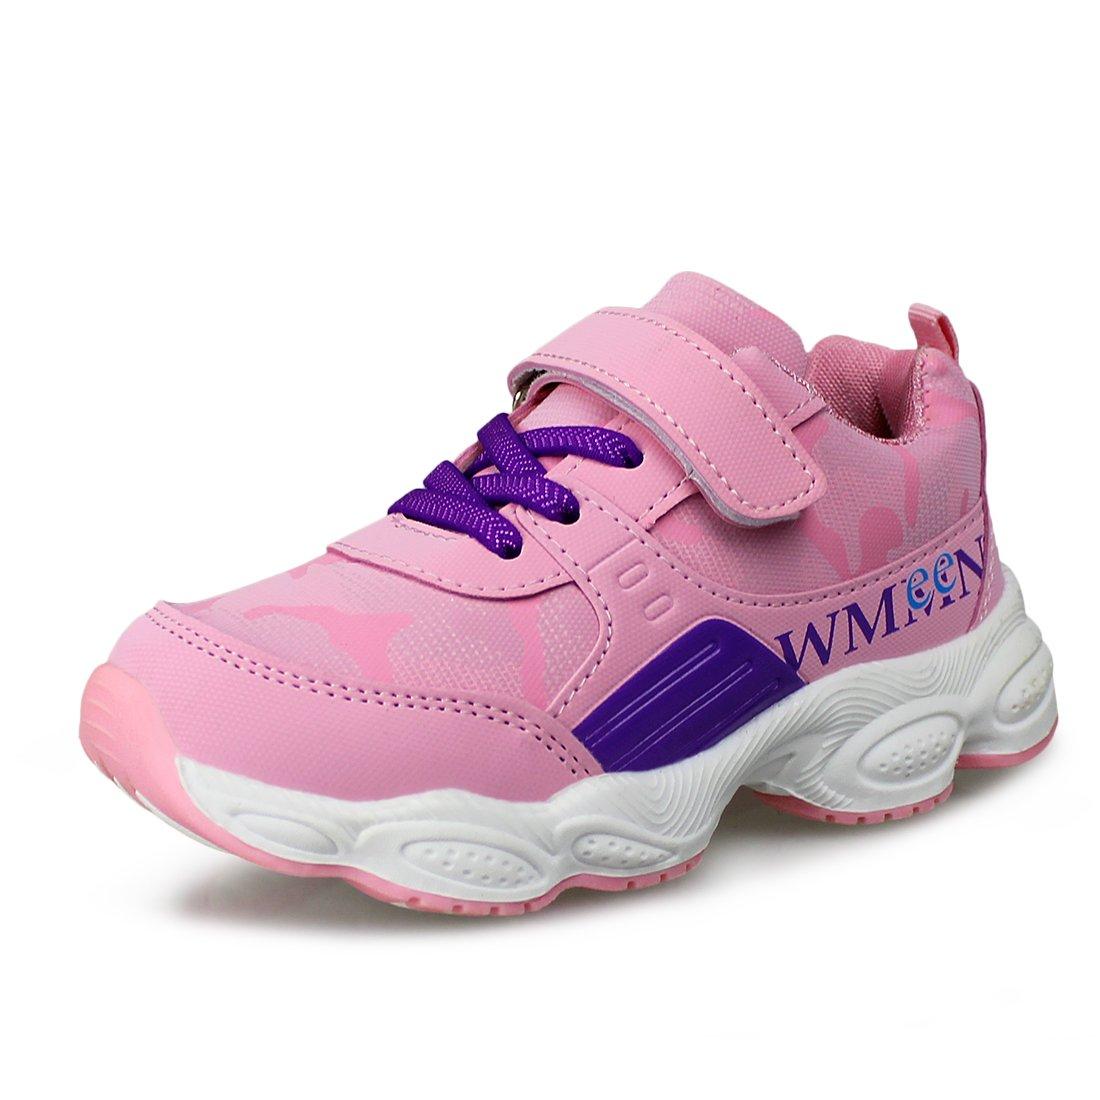 Buy Hawkwell Kids Running Shoes